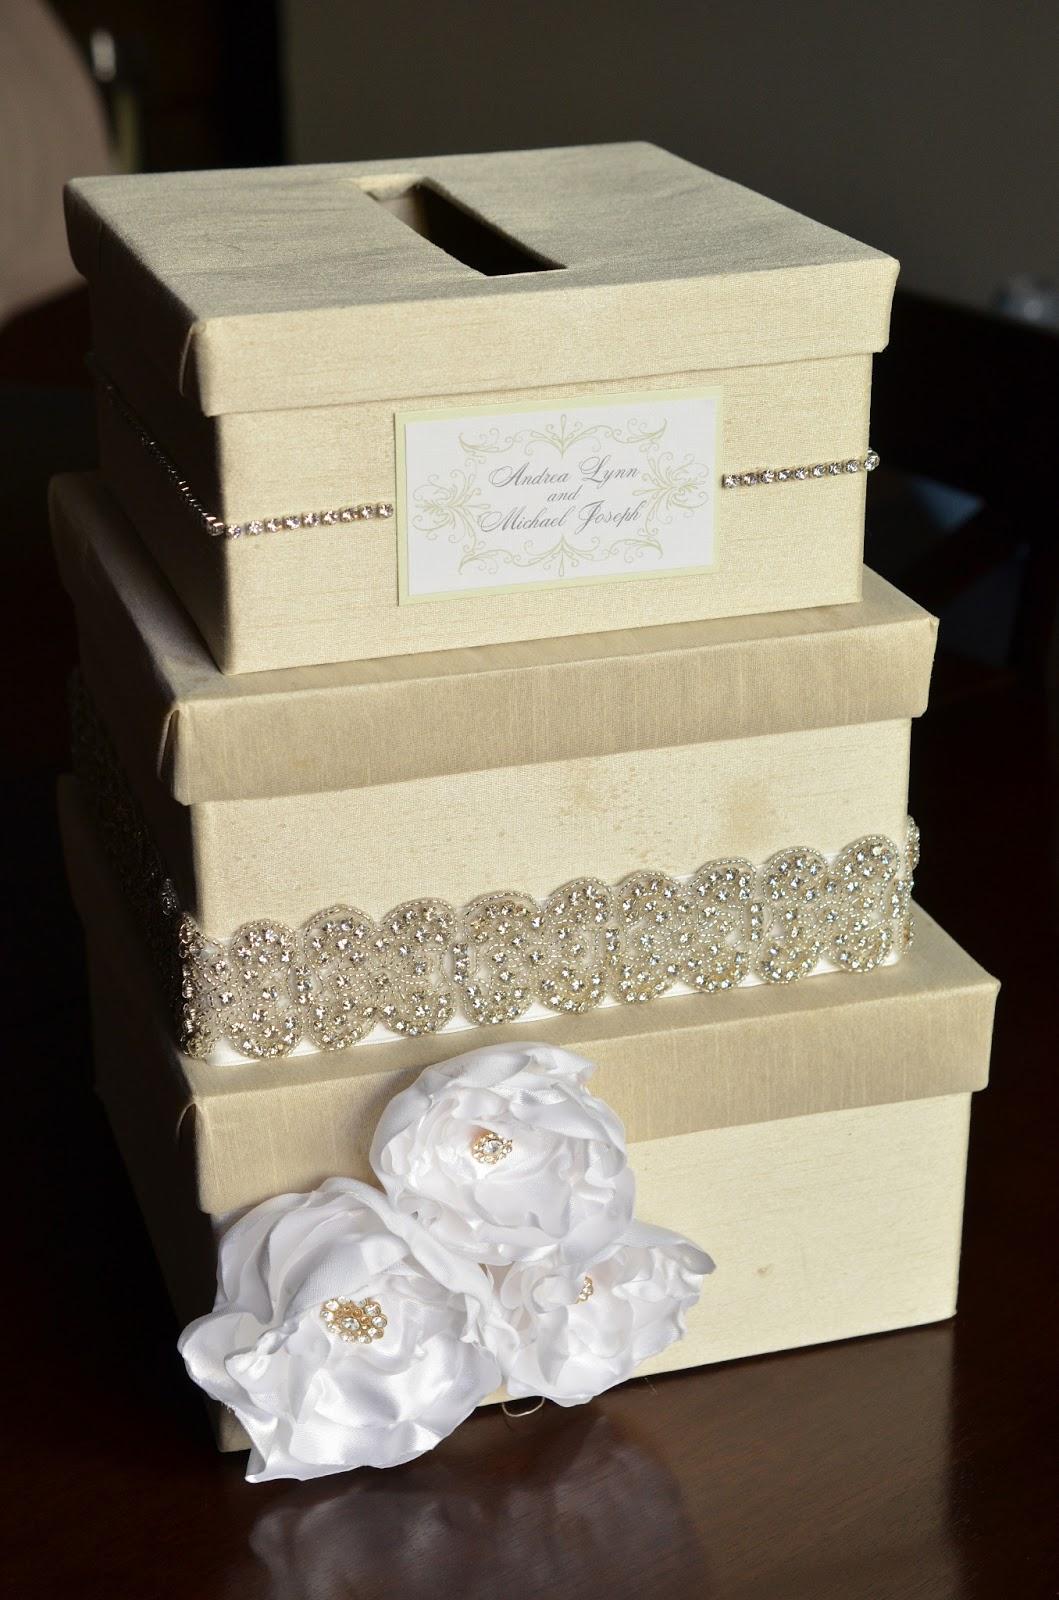 Diy Wedding Gift Card Box: DIY Wedding Card Box Tutorial